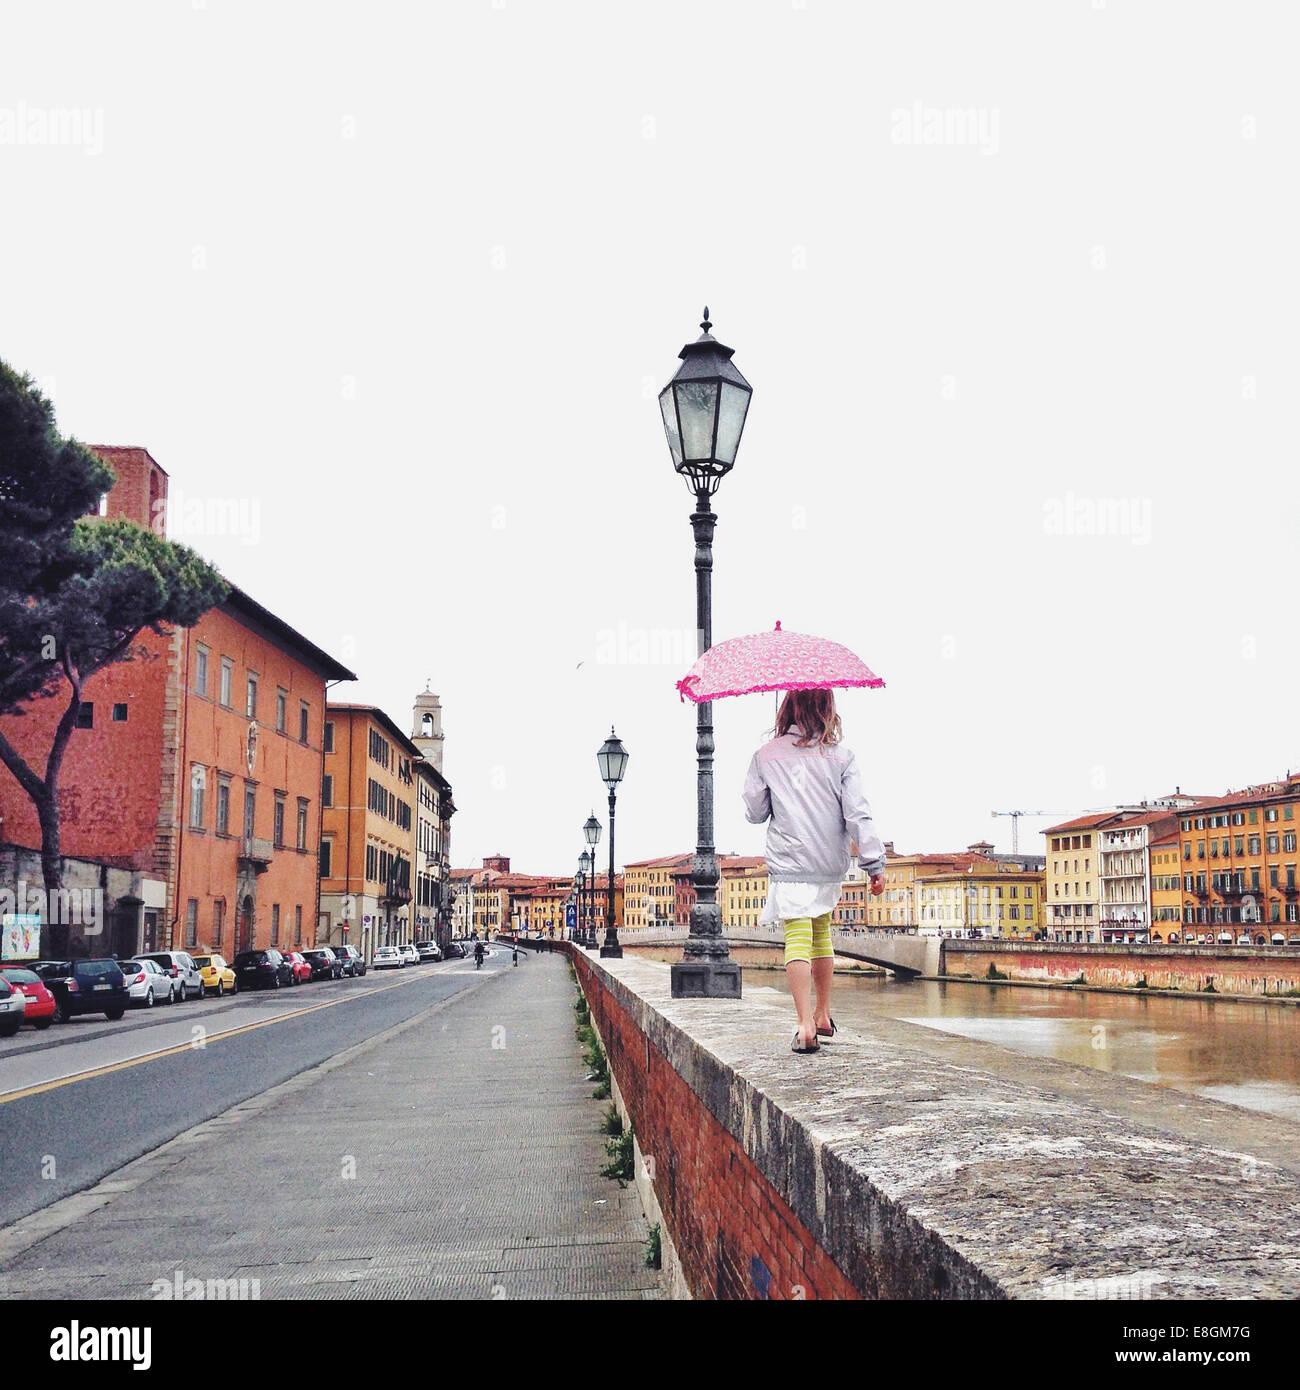 Italy, Tuscany, Pisa, Girl (12-13) with umbrella walking on ledge - Stock Image